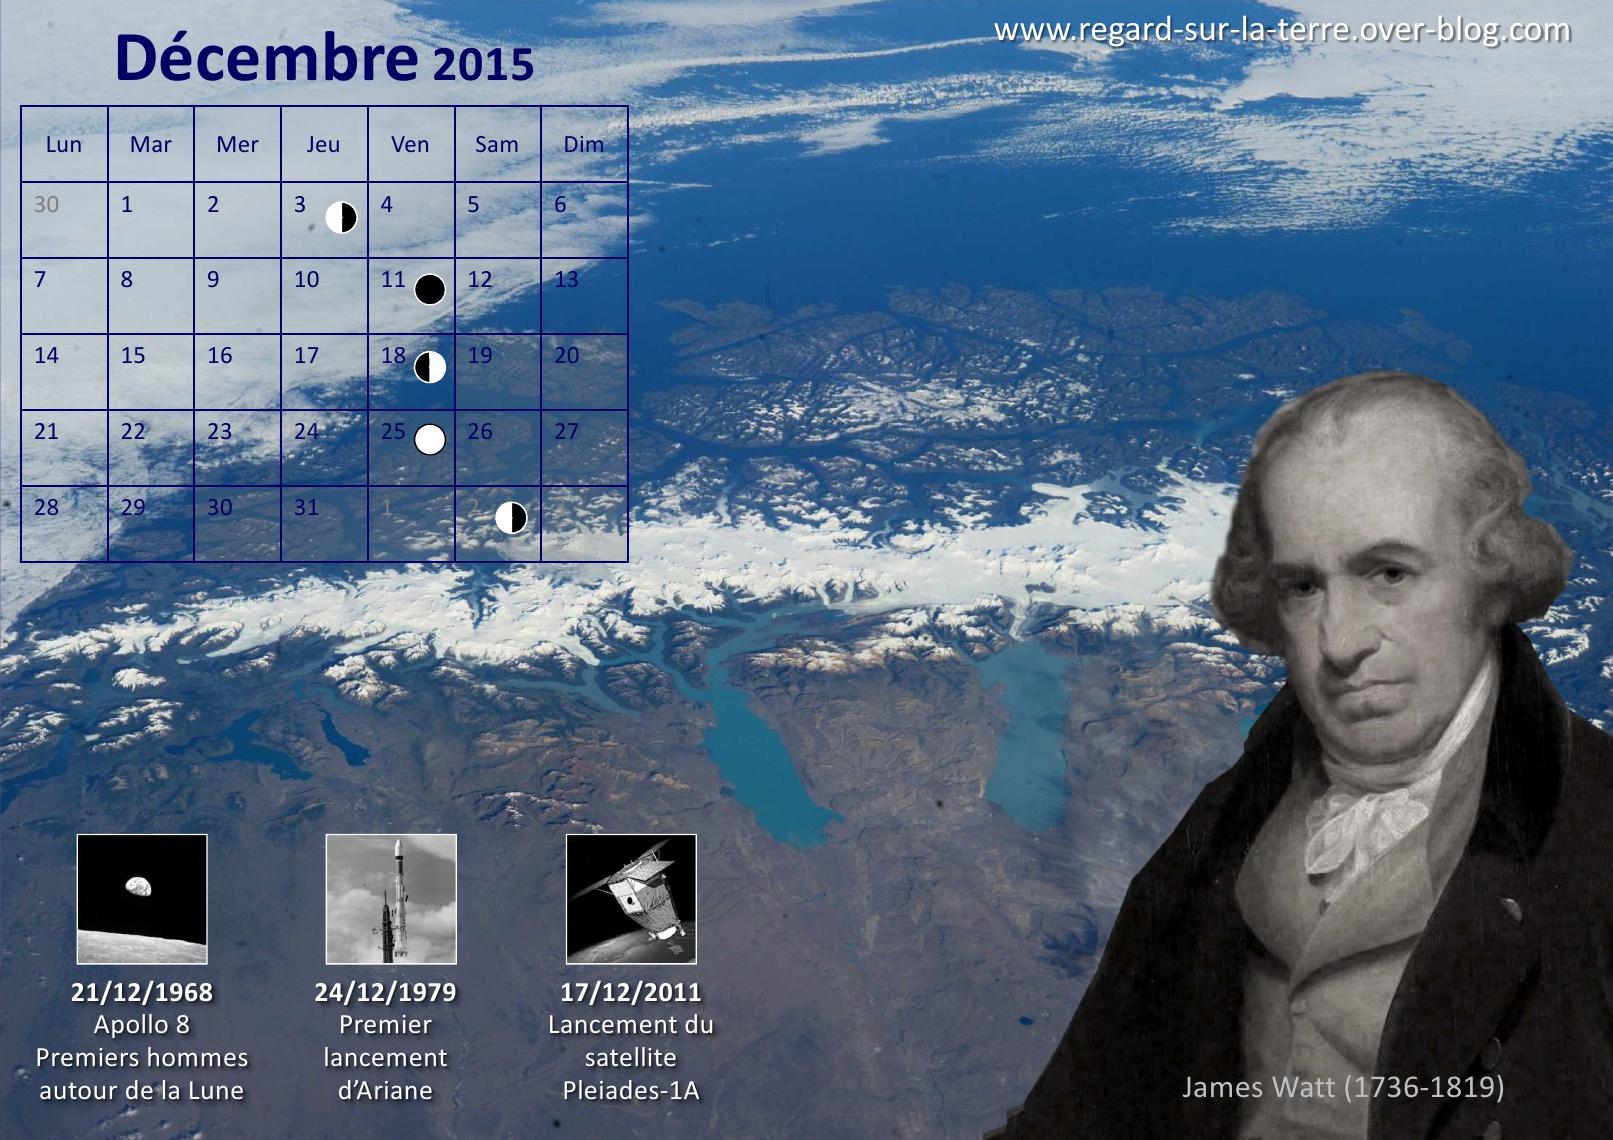 Calendrier spatial - Décembre - 2015 - bilan des lancements - Ariane - Apollo 8 - Pléiades - Patagonie - ISS